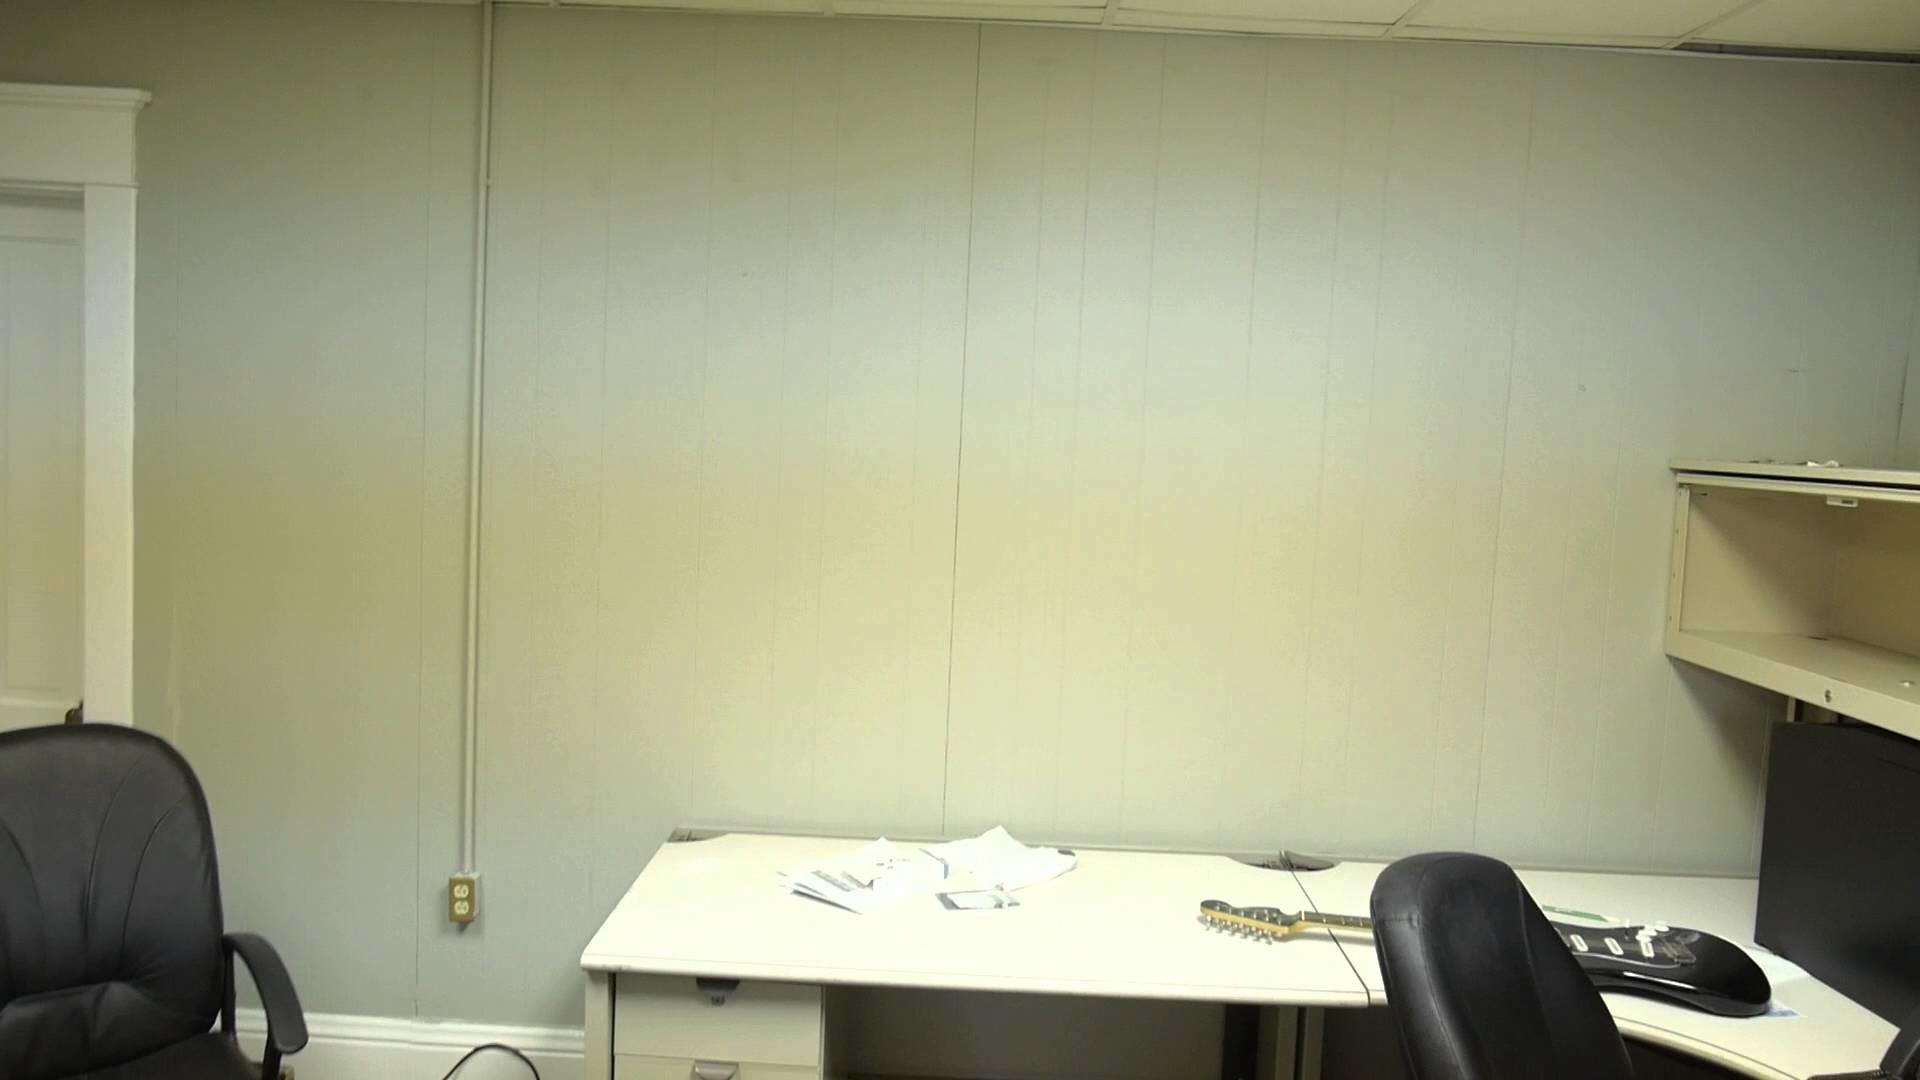 Empty office Desktop Wallpaper (53+ images)